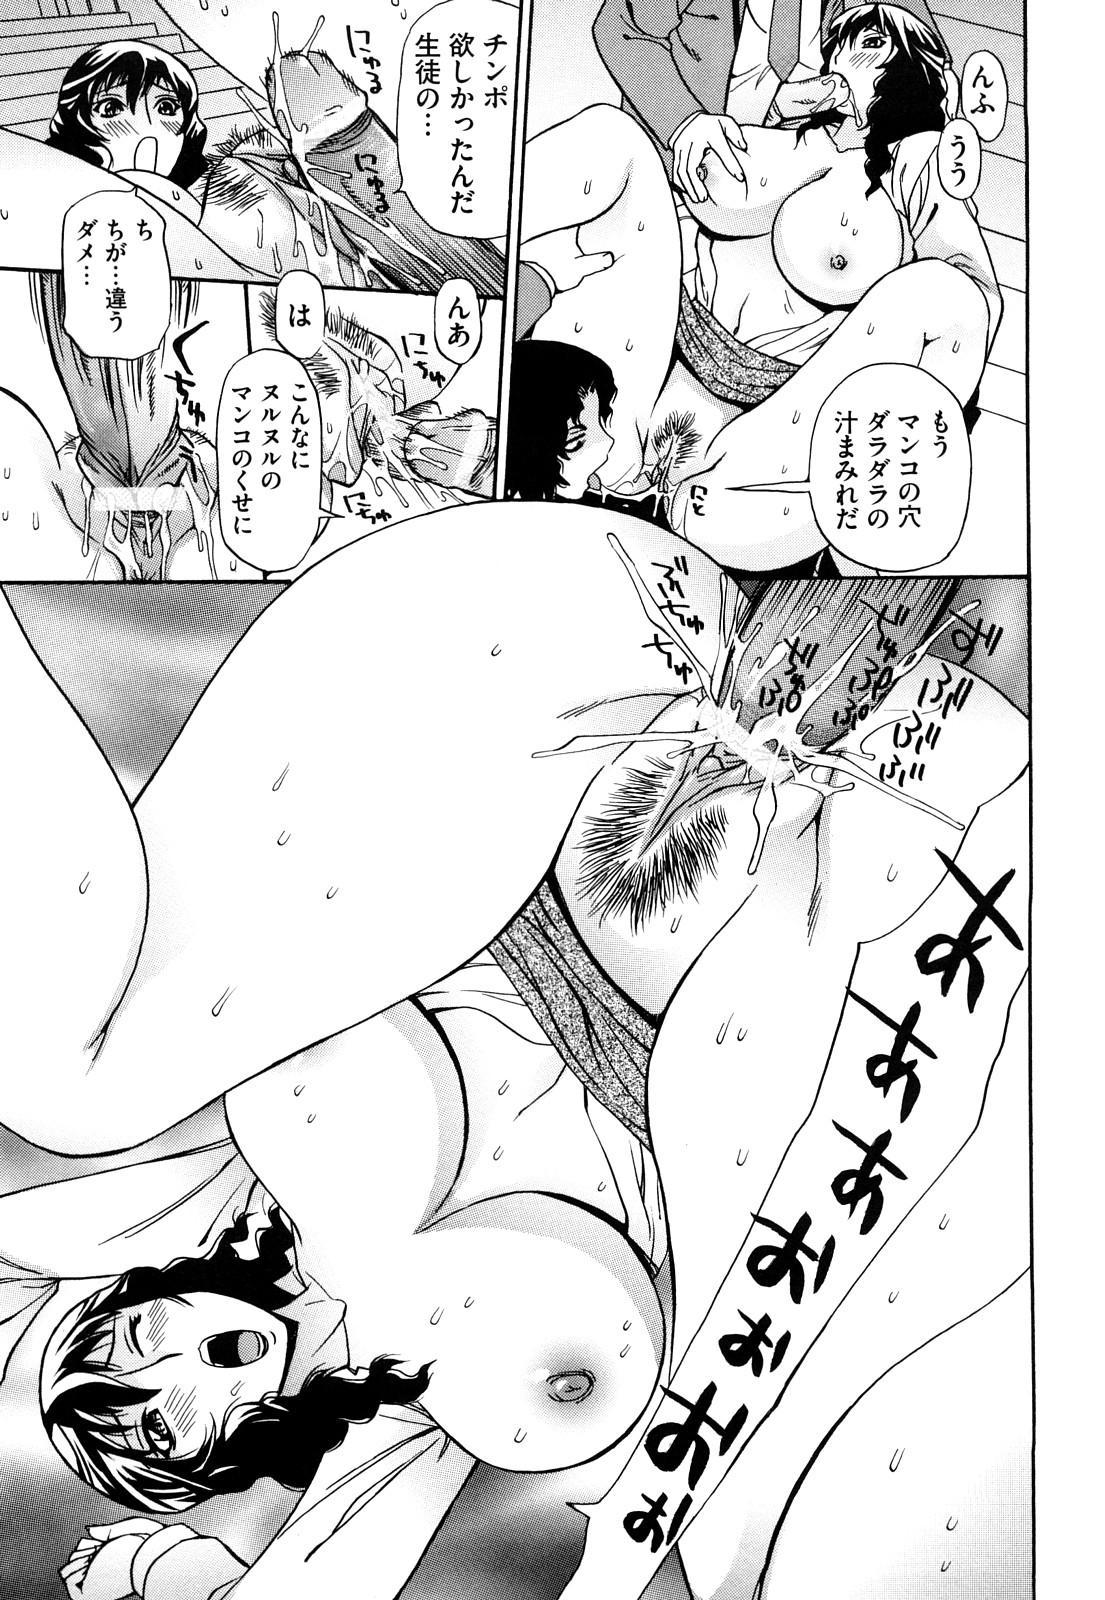 Naburare BODY 61